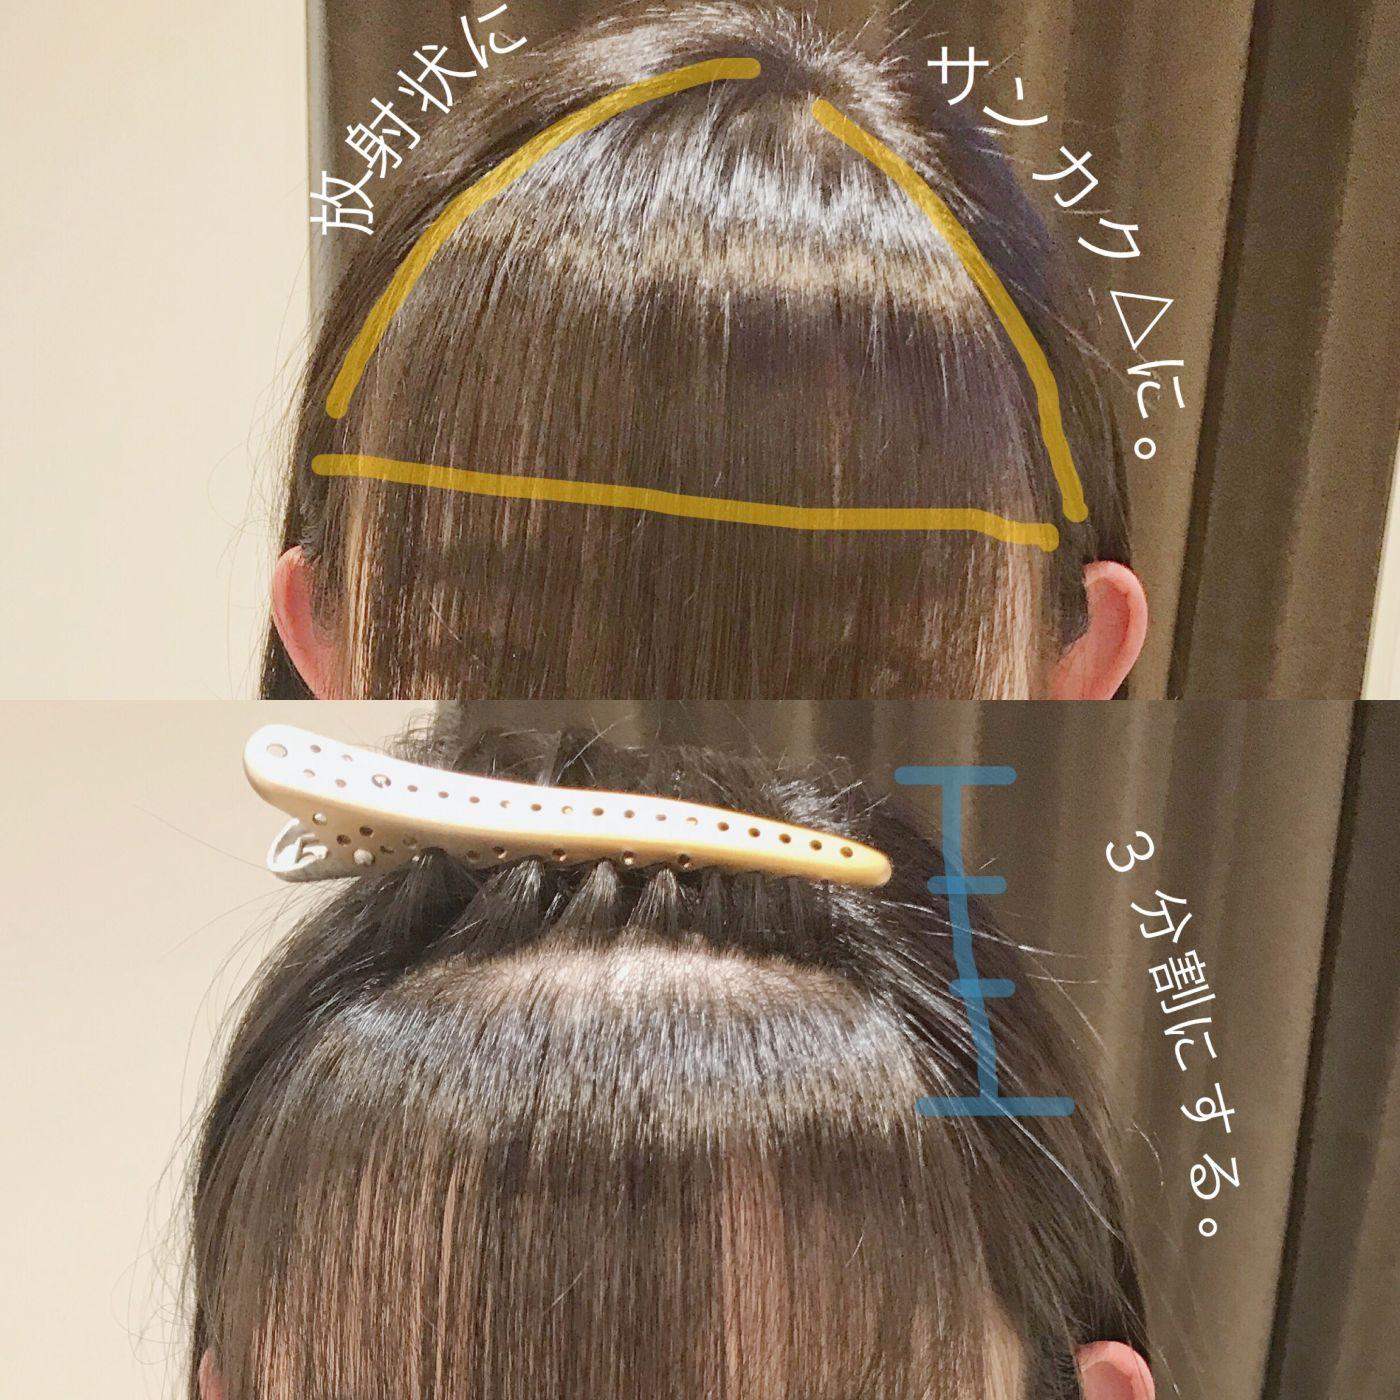 【失敗しないセルフ前髪カット術①】三角ブロッキング